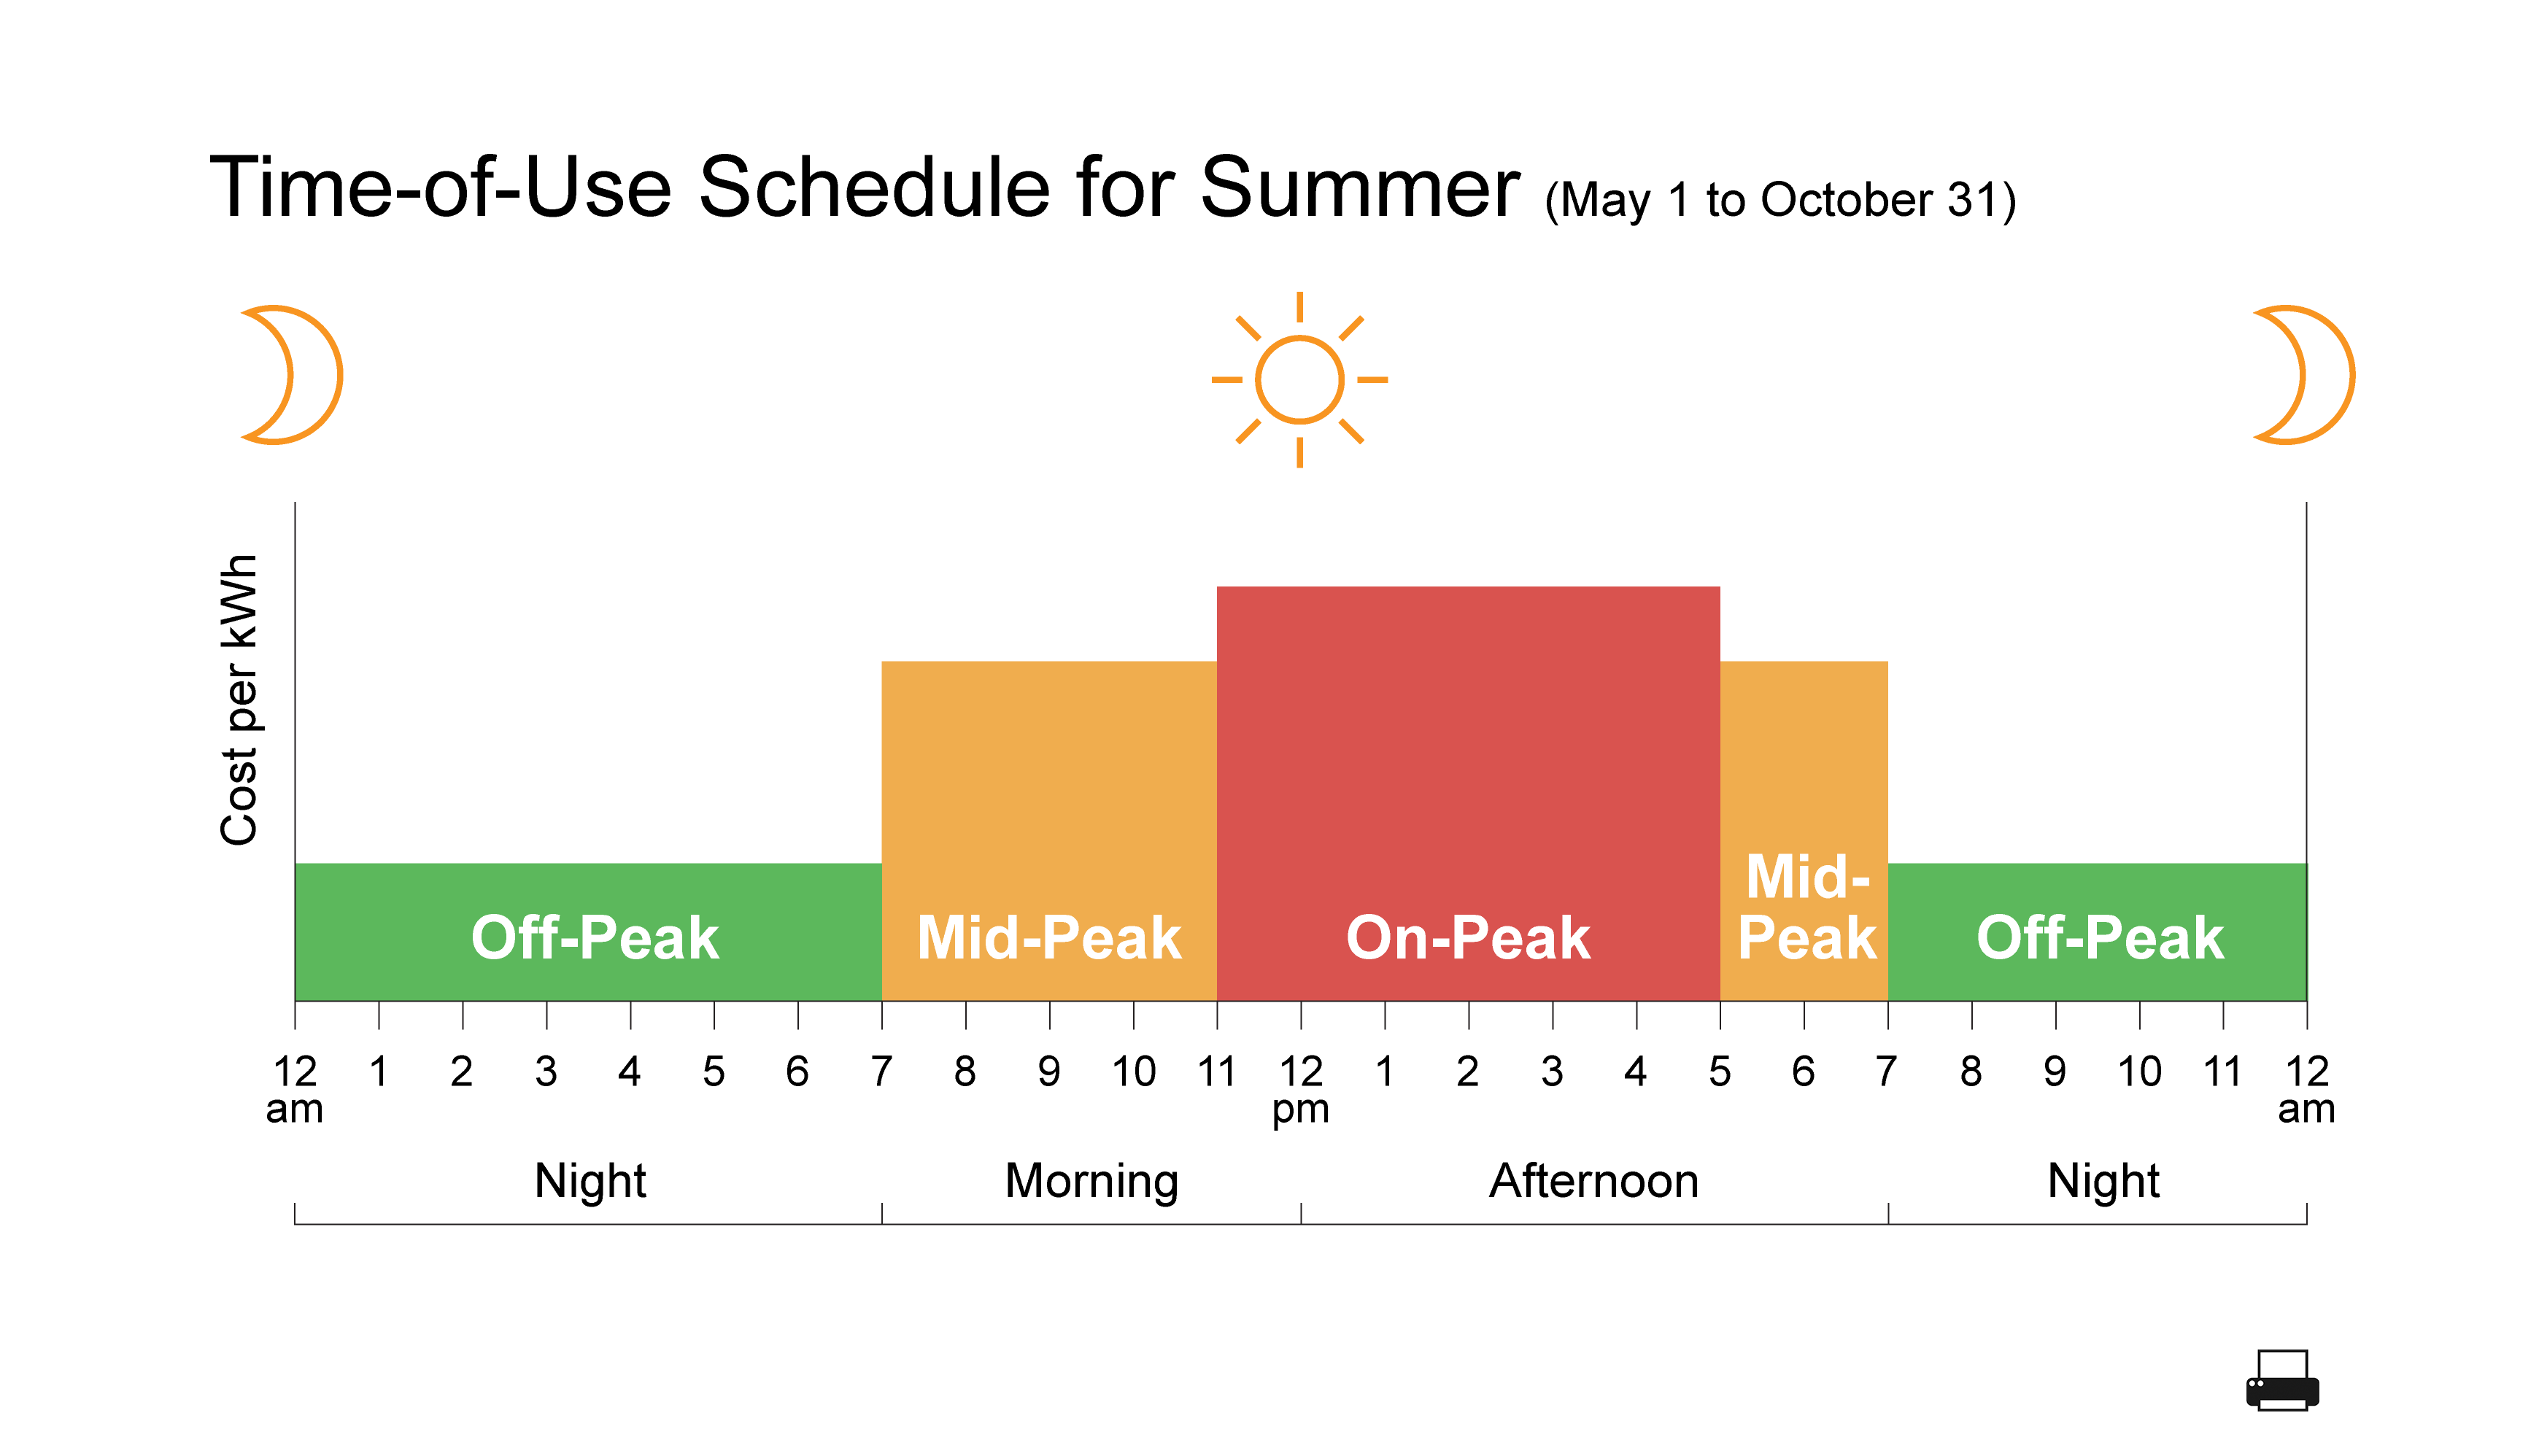 Summer Weekdays (May 1 to October 31)